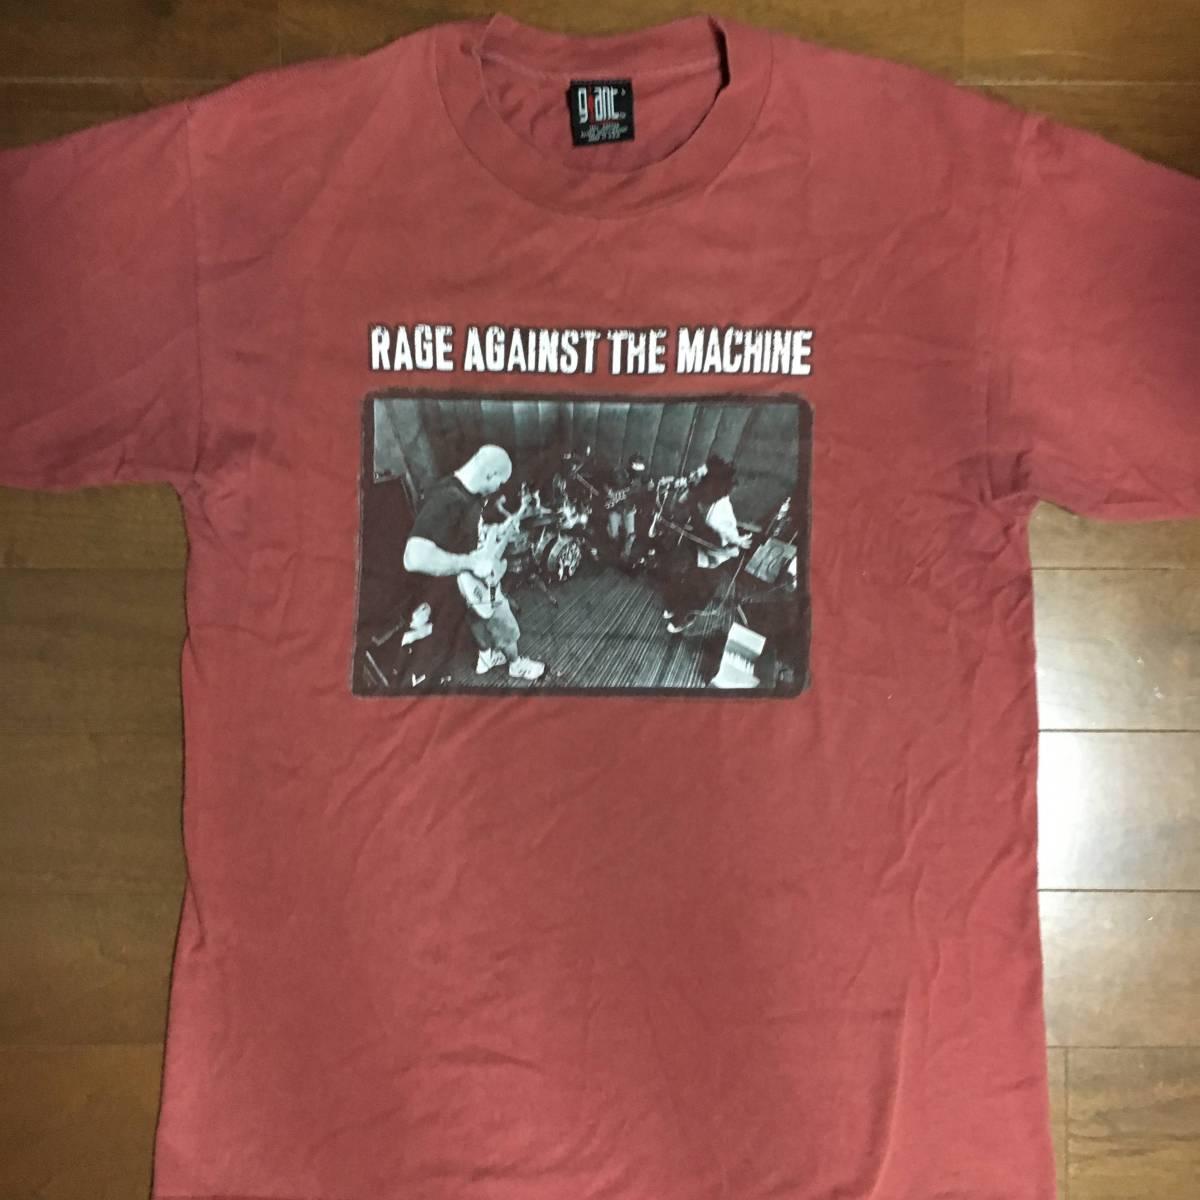 ビンテージ 激レア ロックTシャツ RAGE AGAINST THE MACHINE レイジアゲインストザマシン 1997古着 バンドTシャツ red hot chilli peppers